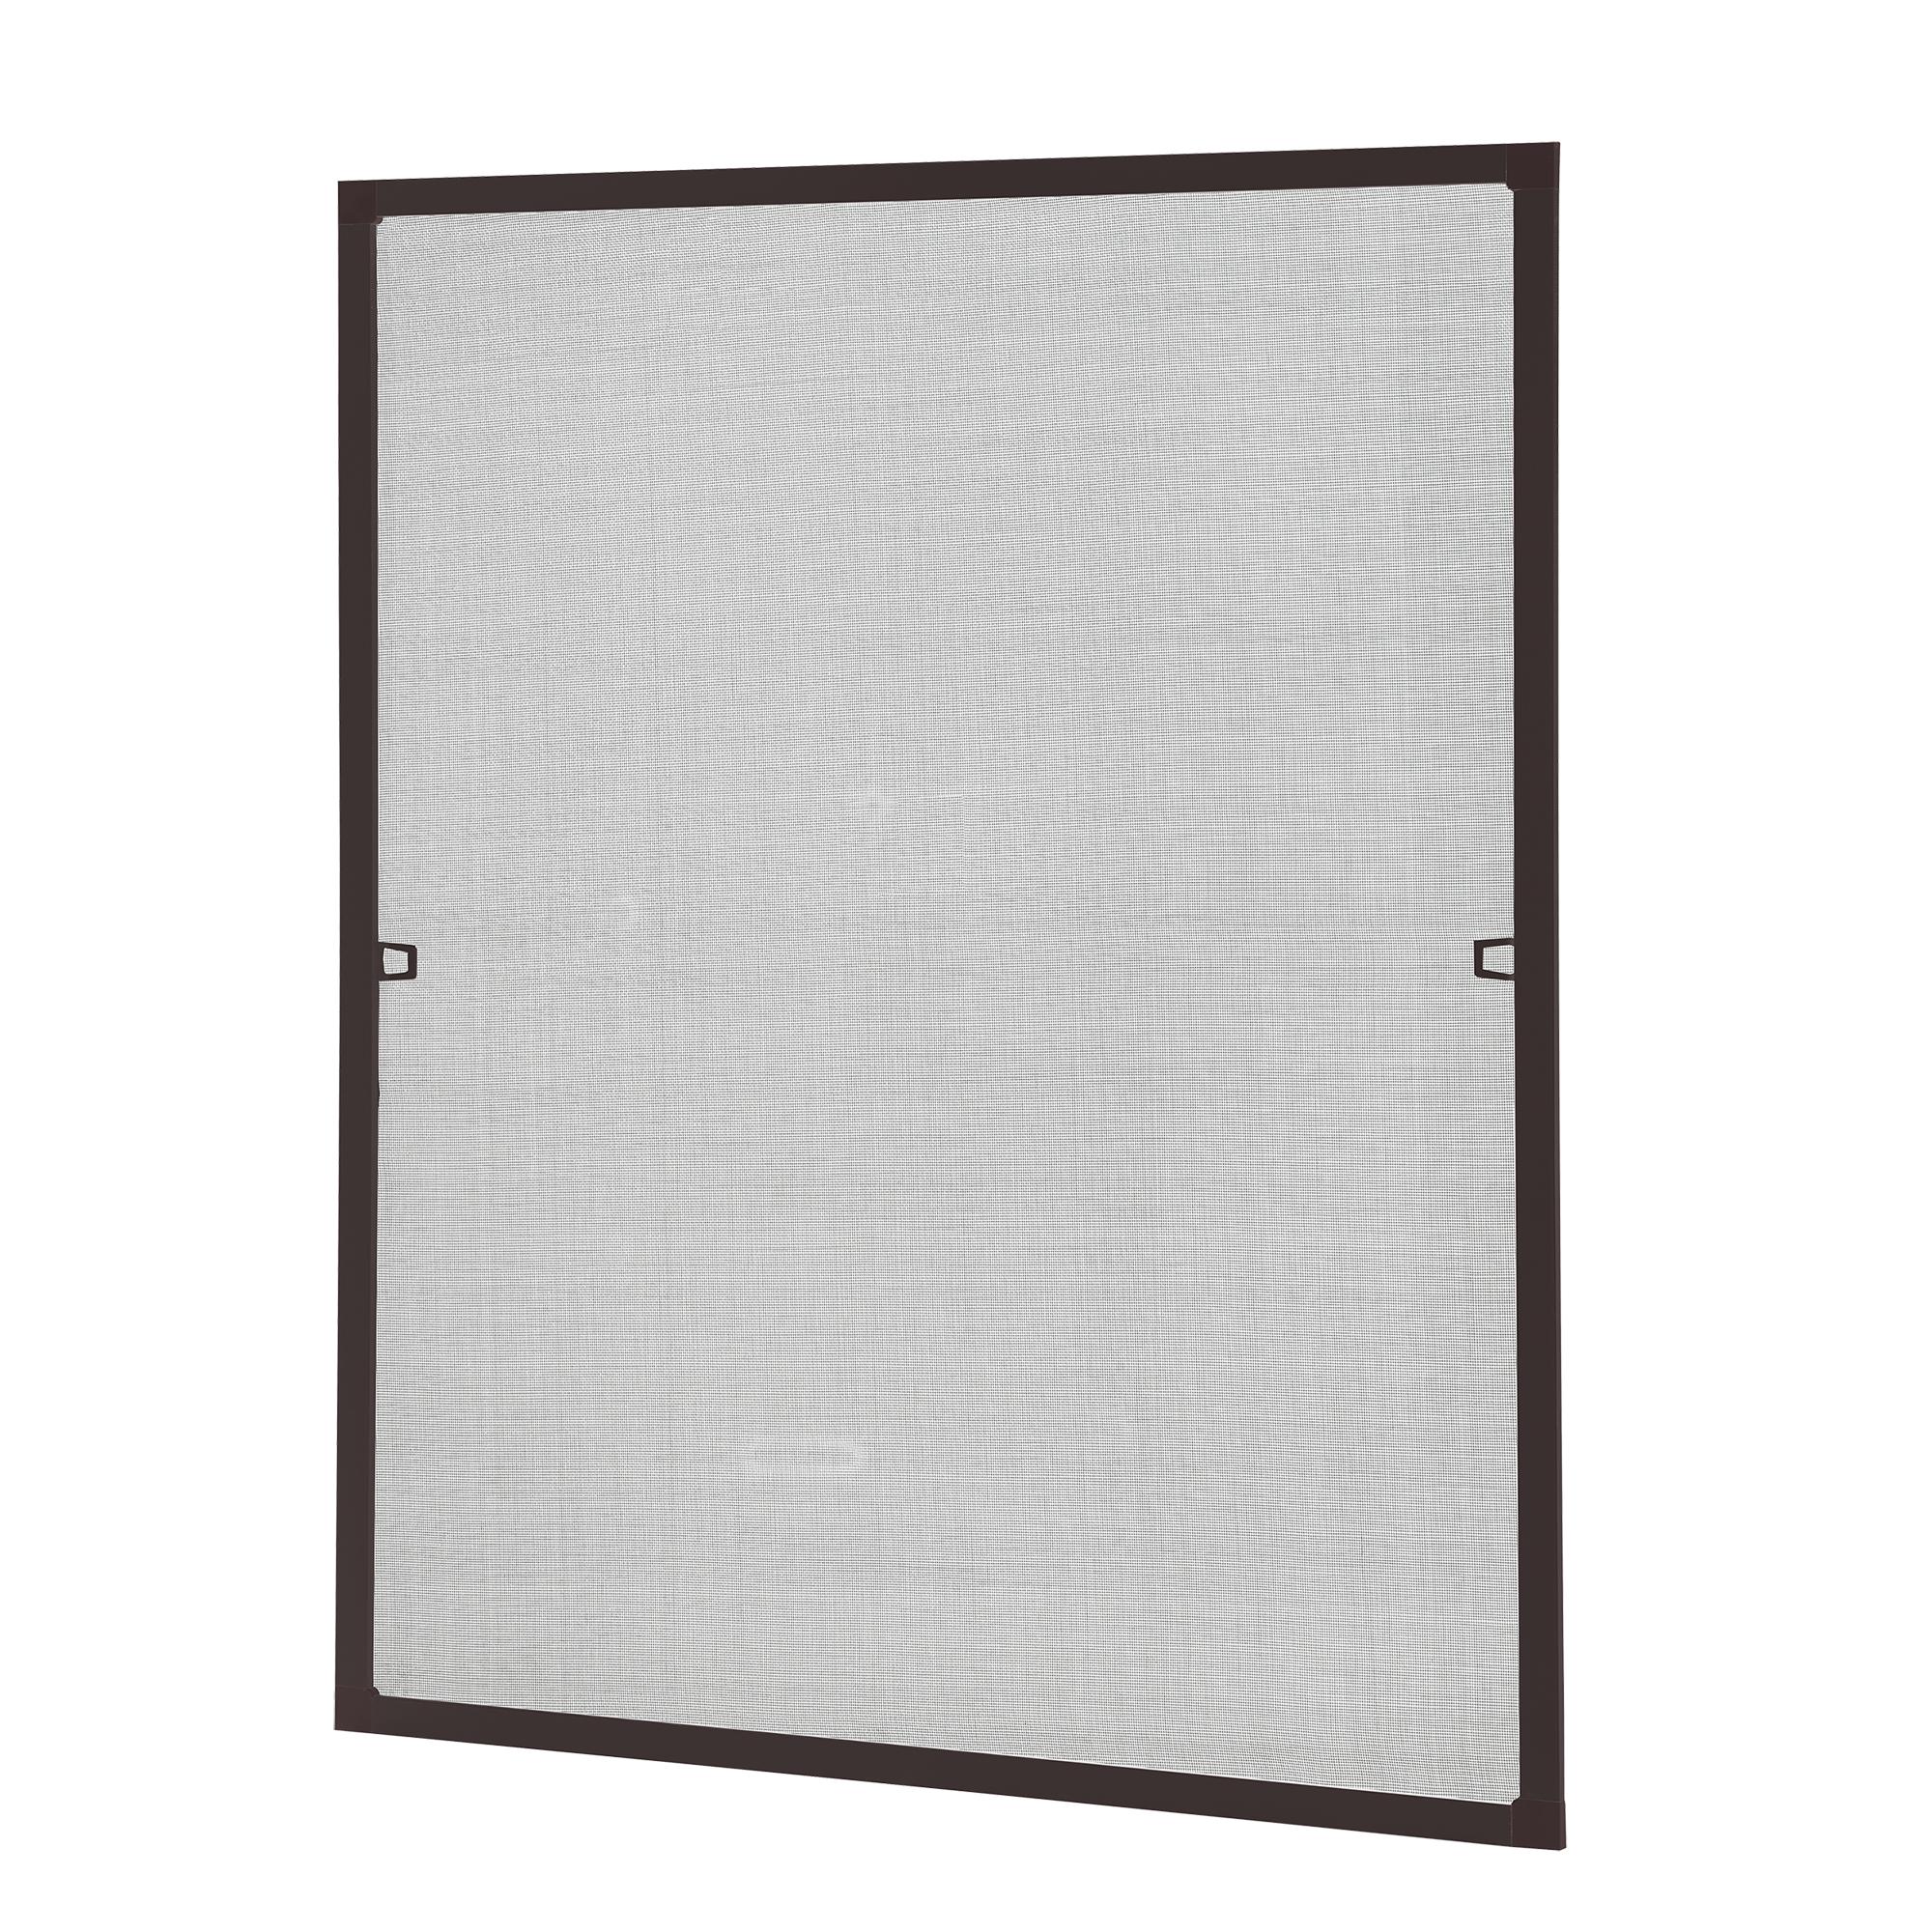 [casa.pro]® Síťka proti hmyzu 80 x 100 cm - hliníkový rám - hnědý